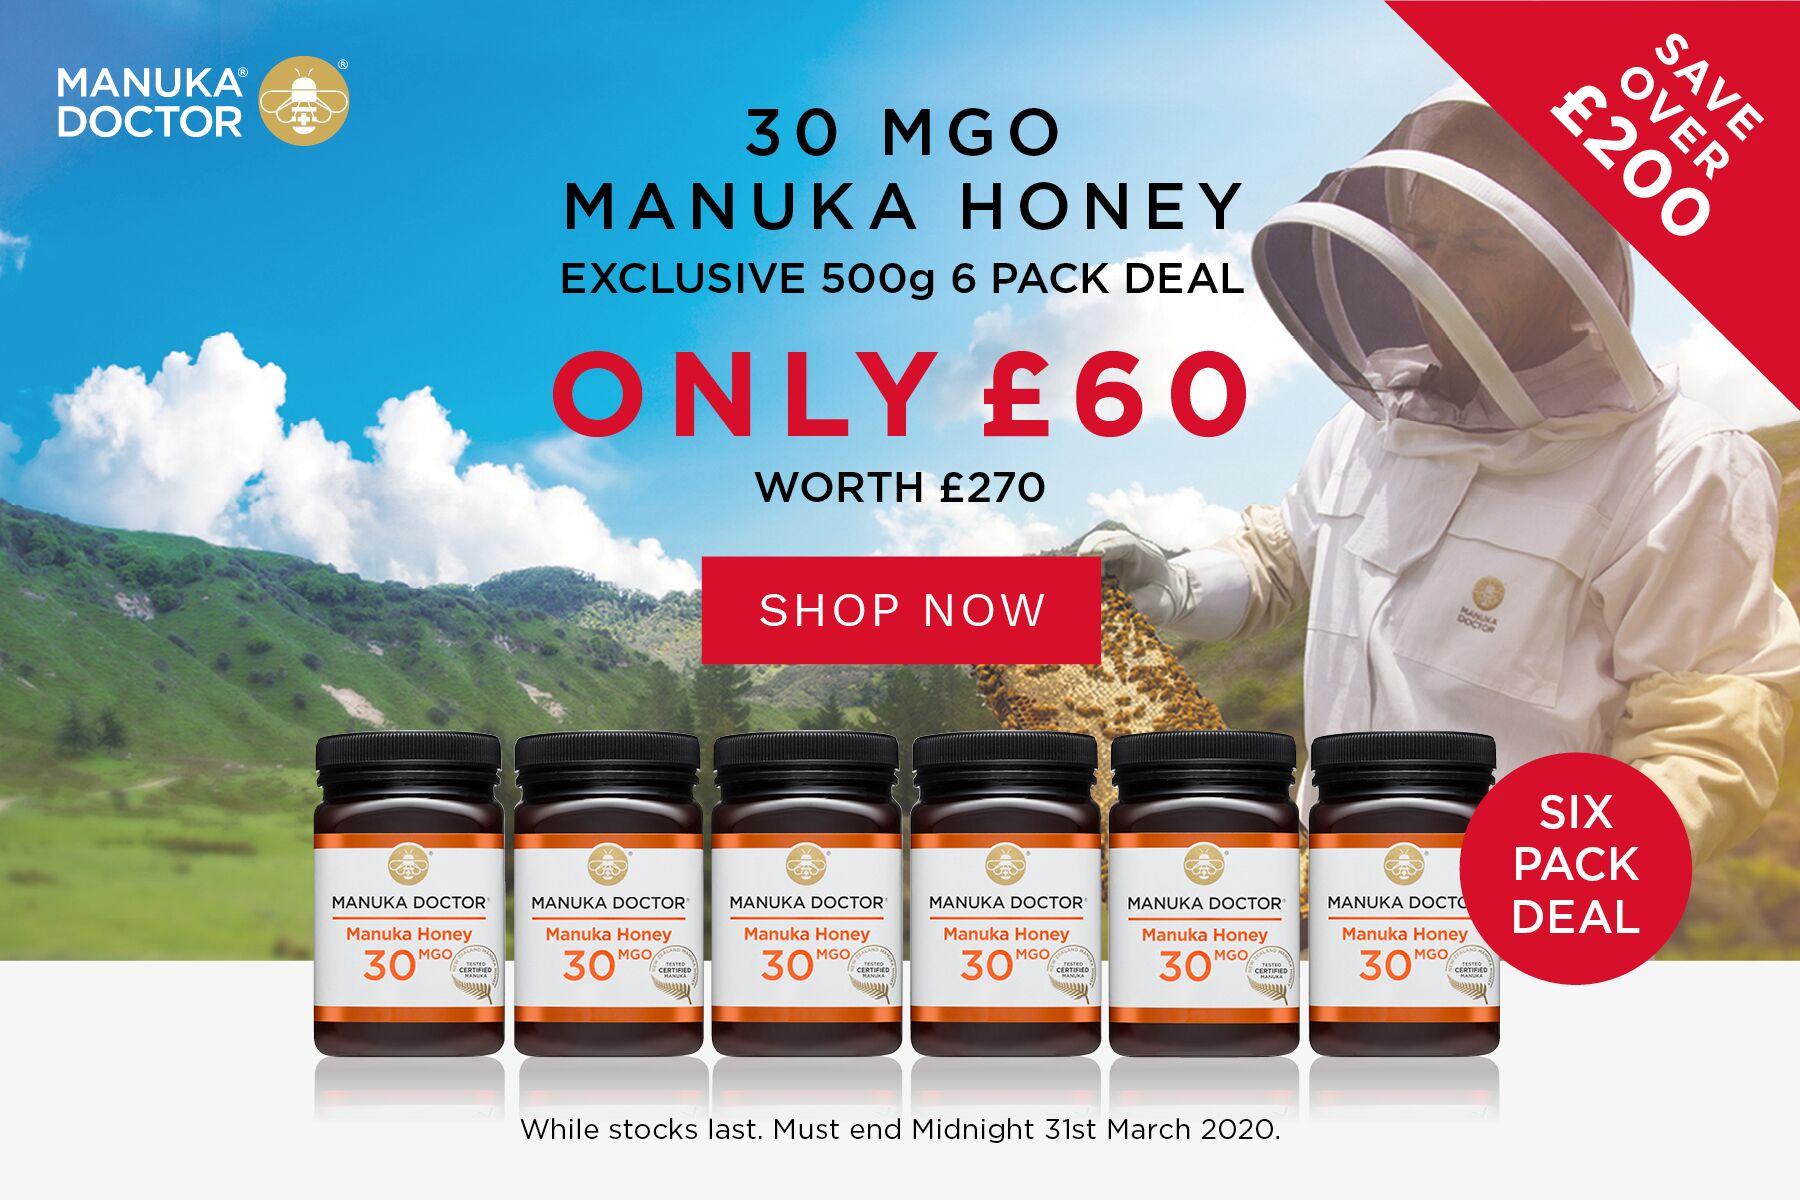 Manuka Doctor   麦卢卡养生蜂蜜独家22折,直减210镑一罐仅£10!